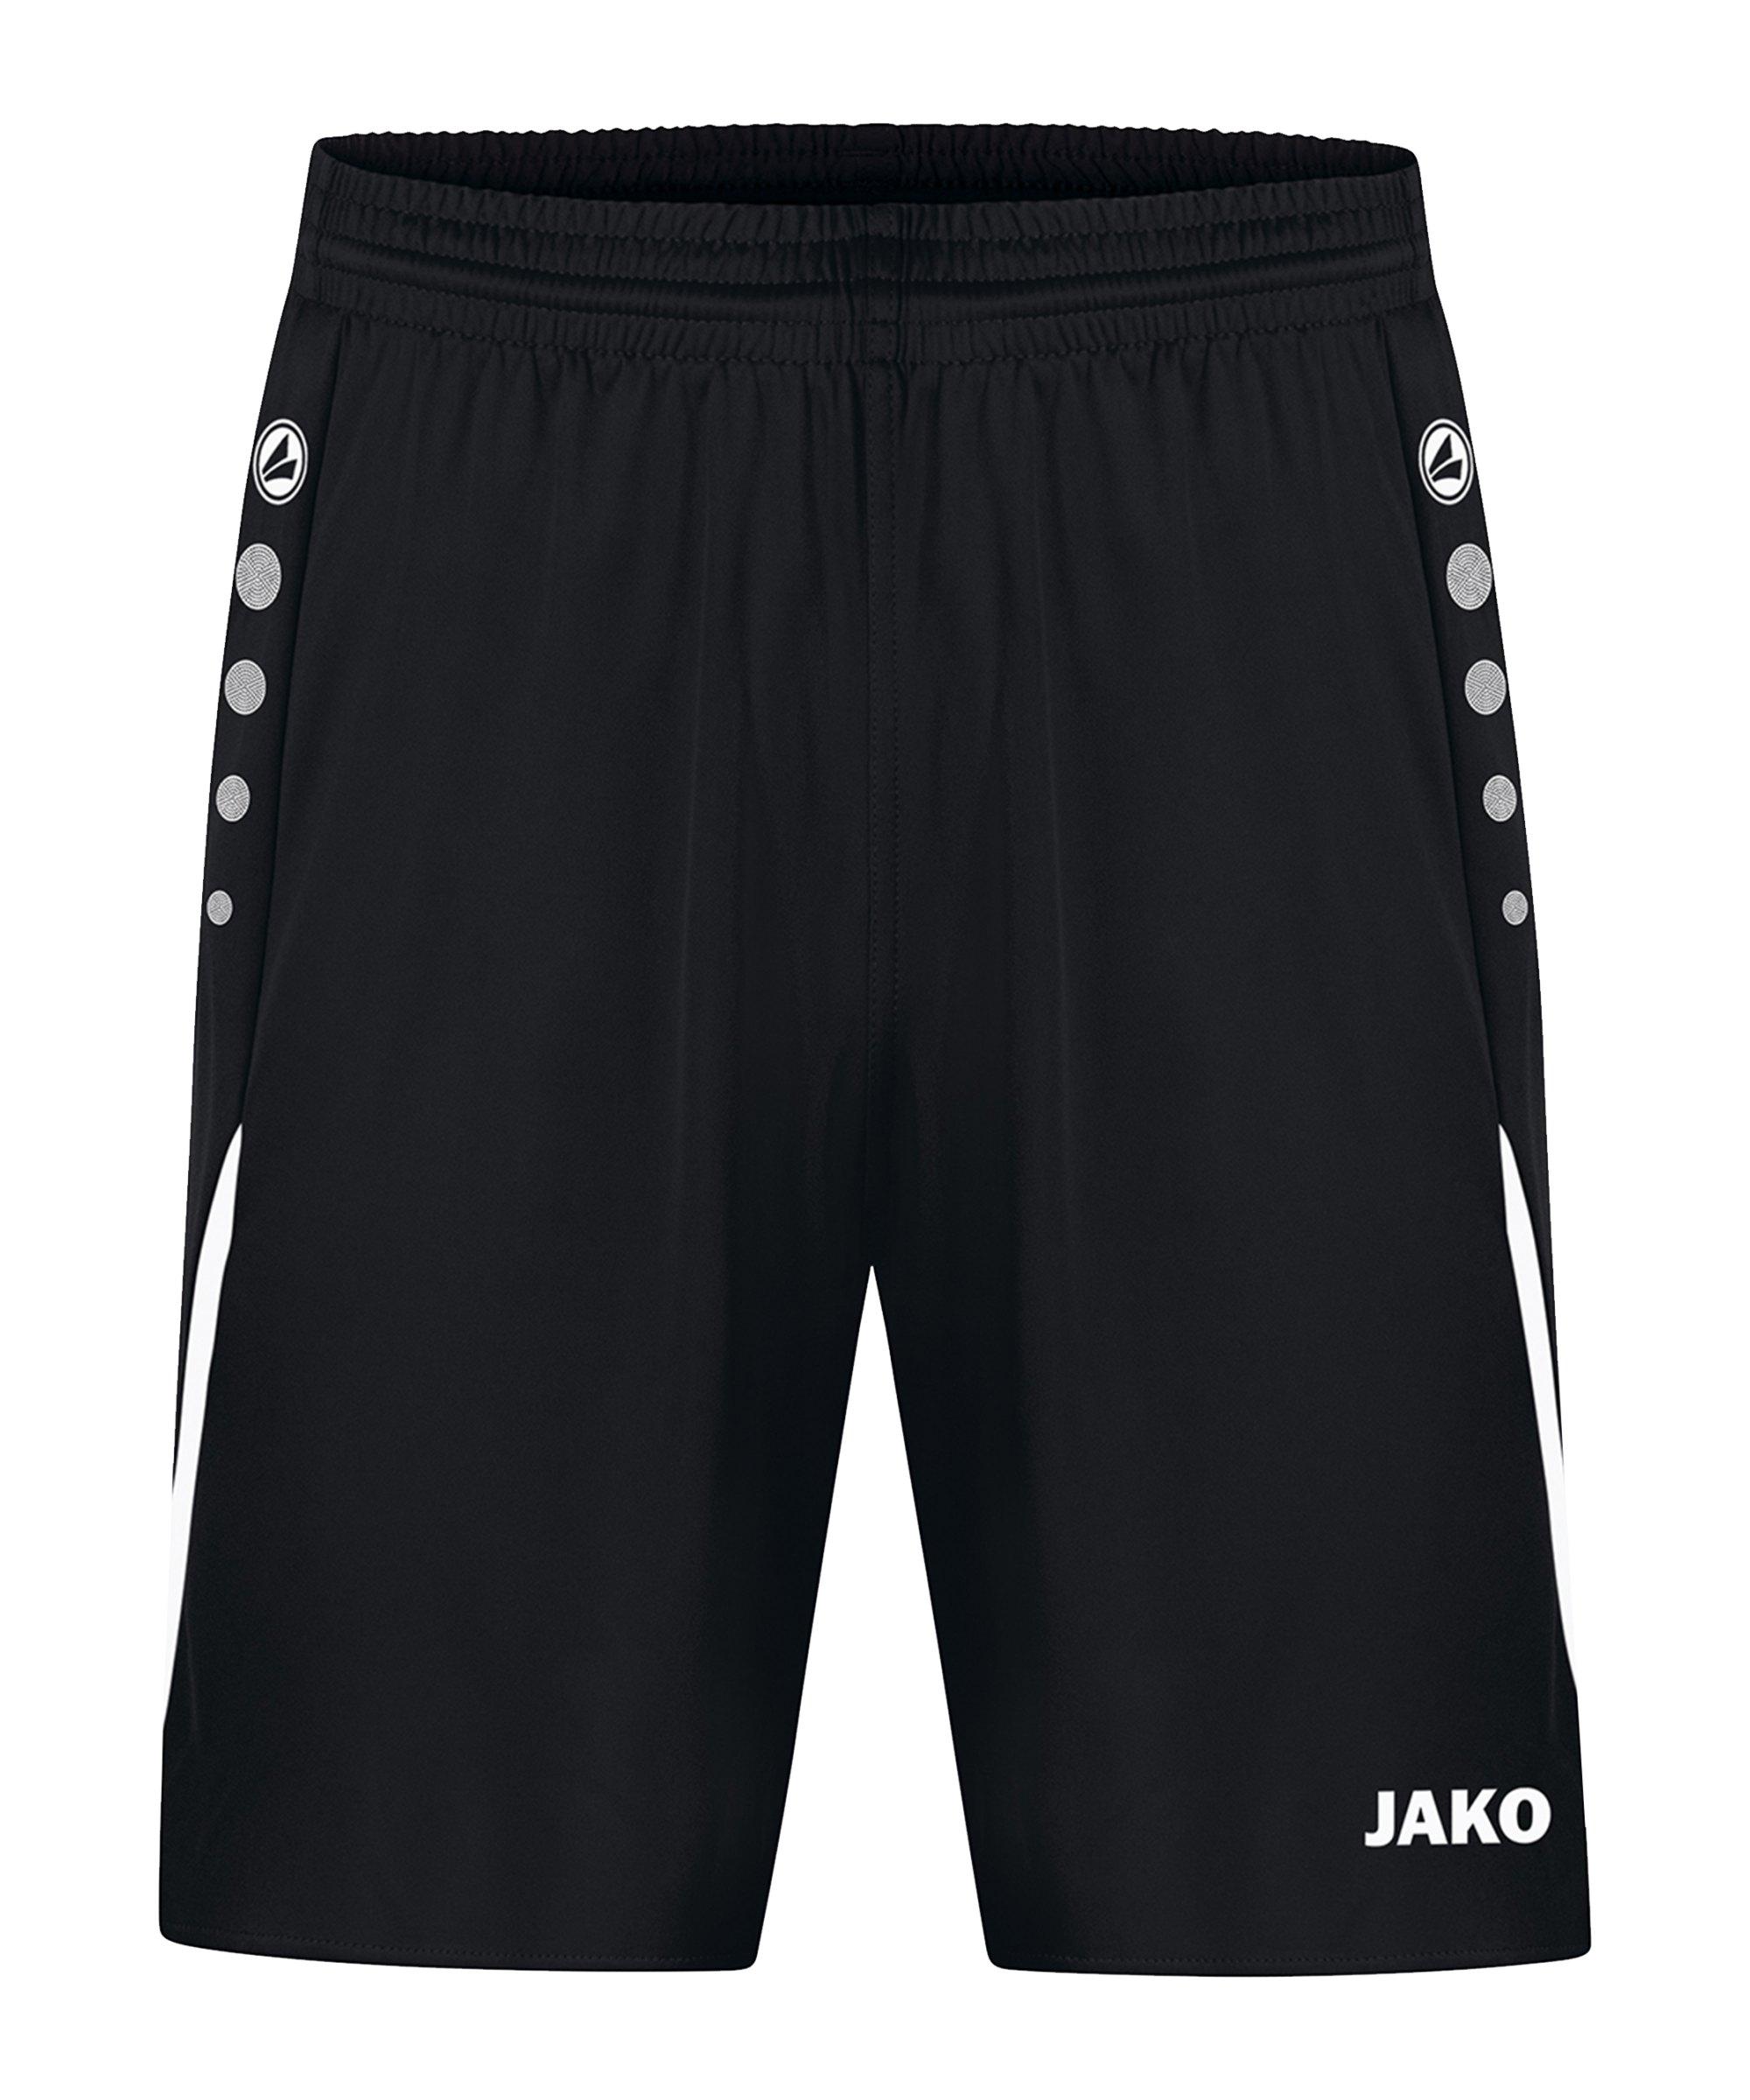 JAKO Challenge Short Schwarz Weiss F802 - schwarz